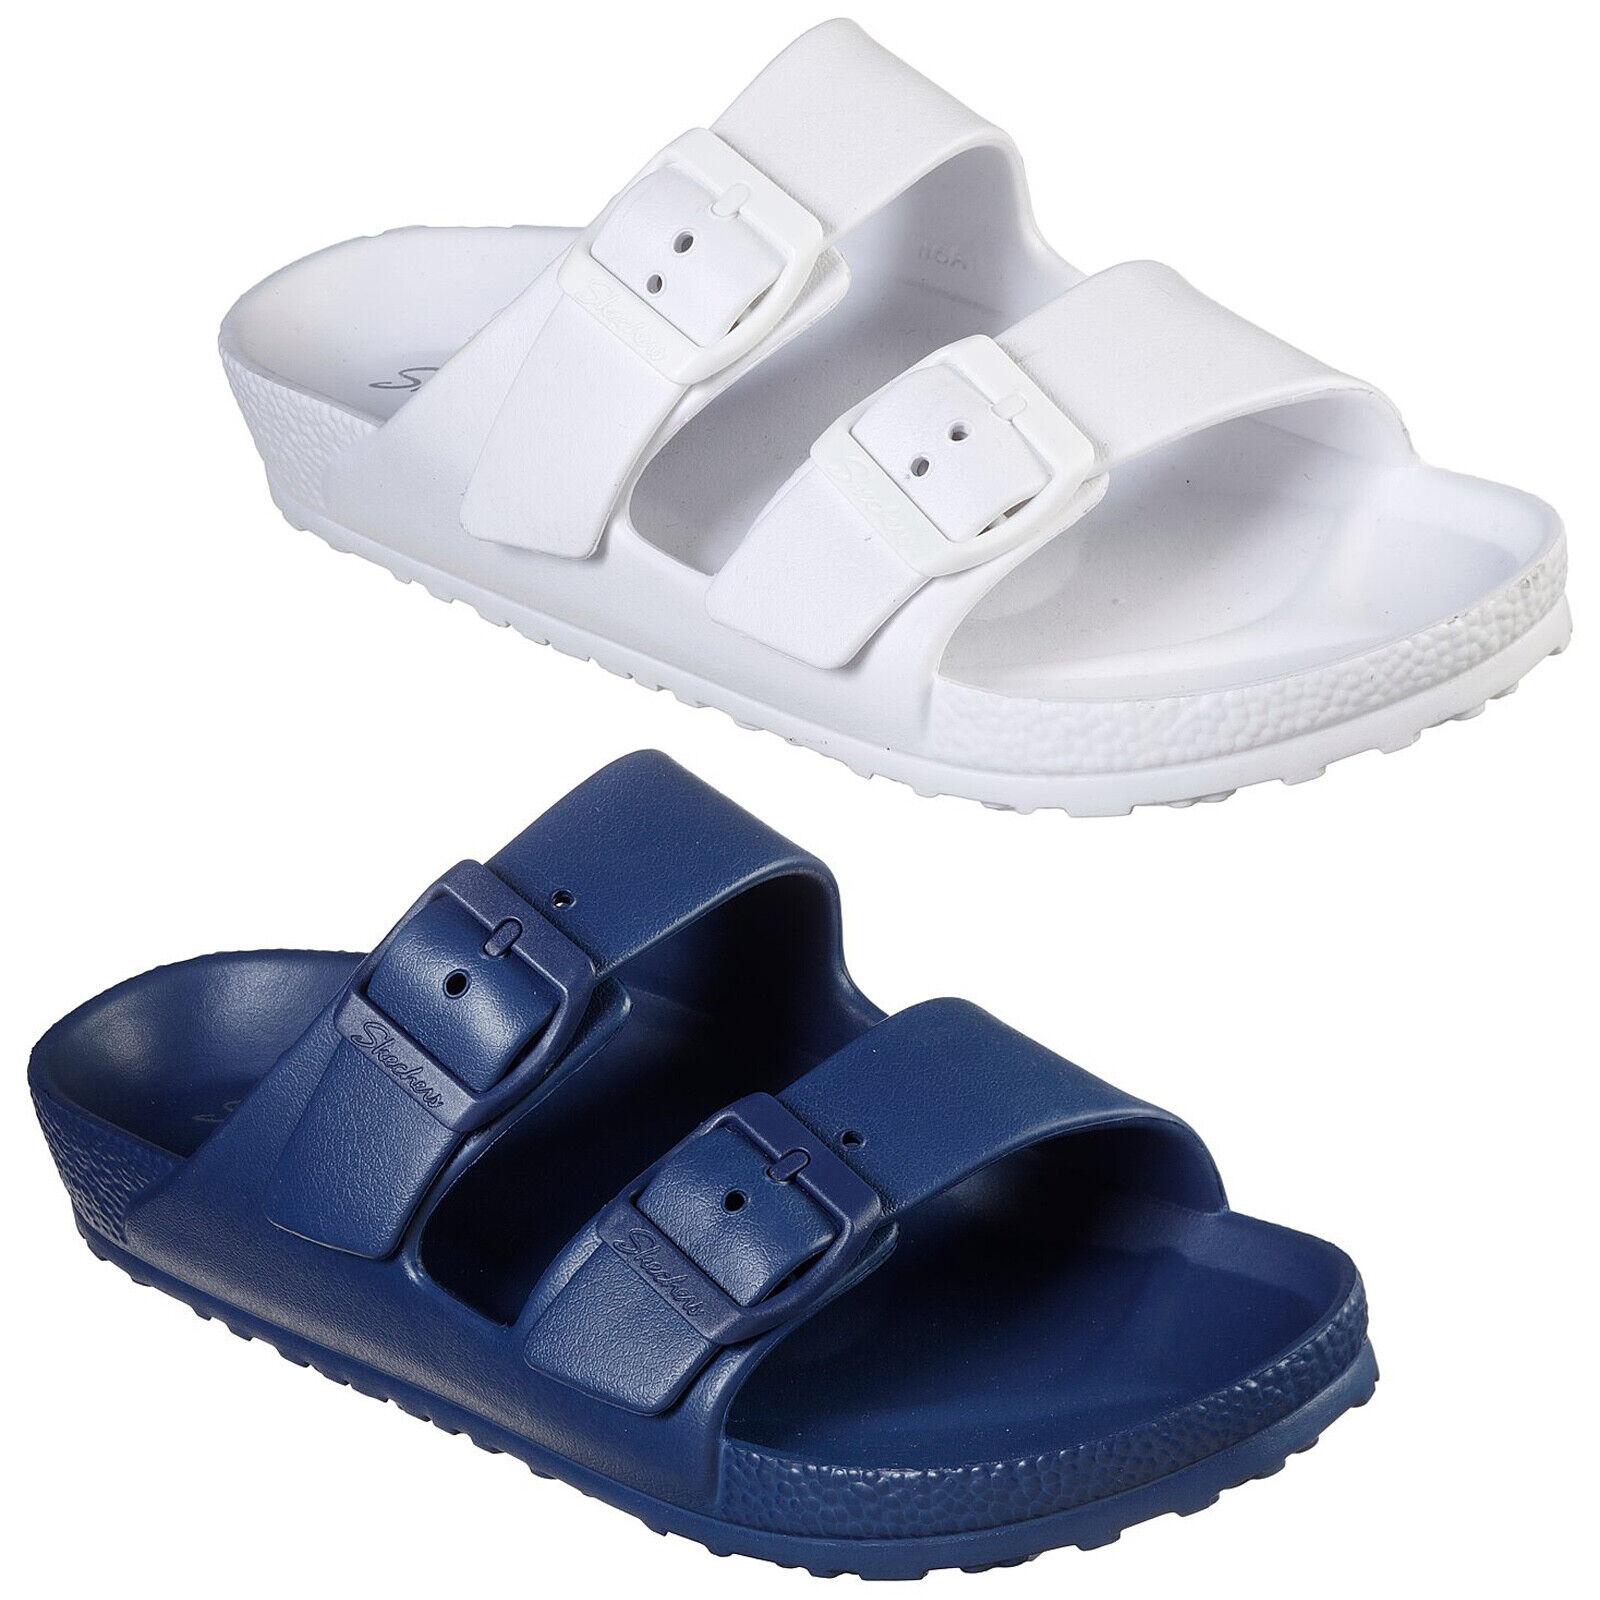 Sandalen Absätze Plattform Strand Hausschuhe Schuhe Sommer Verkauf Lagerbestand